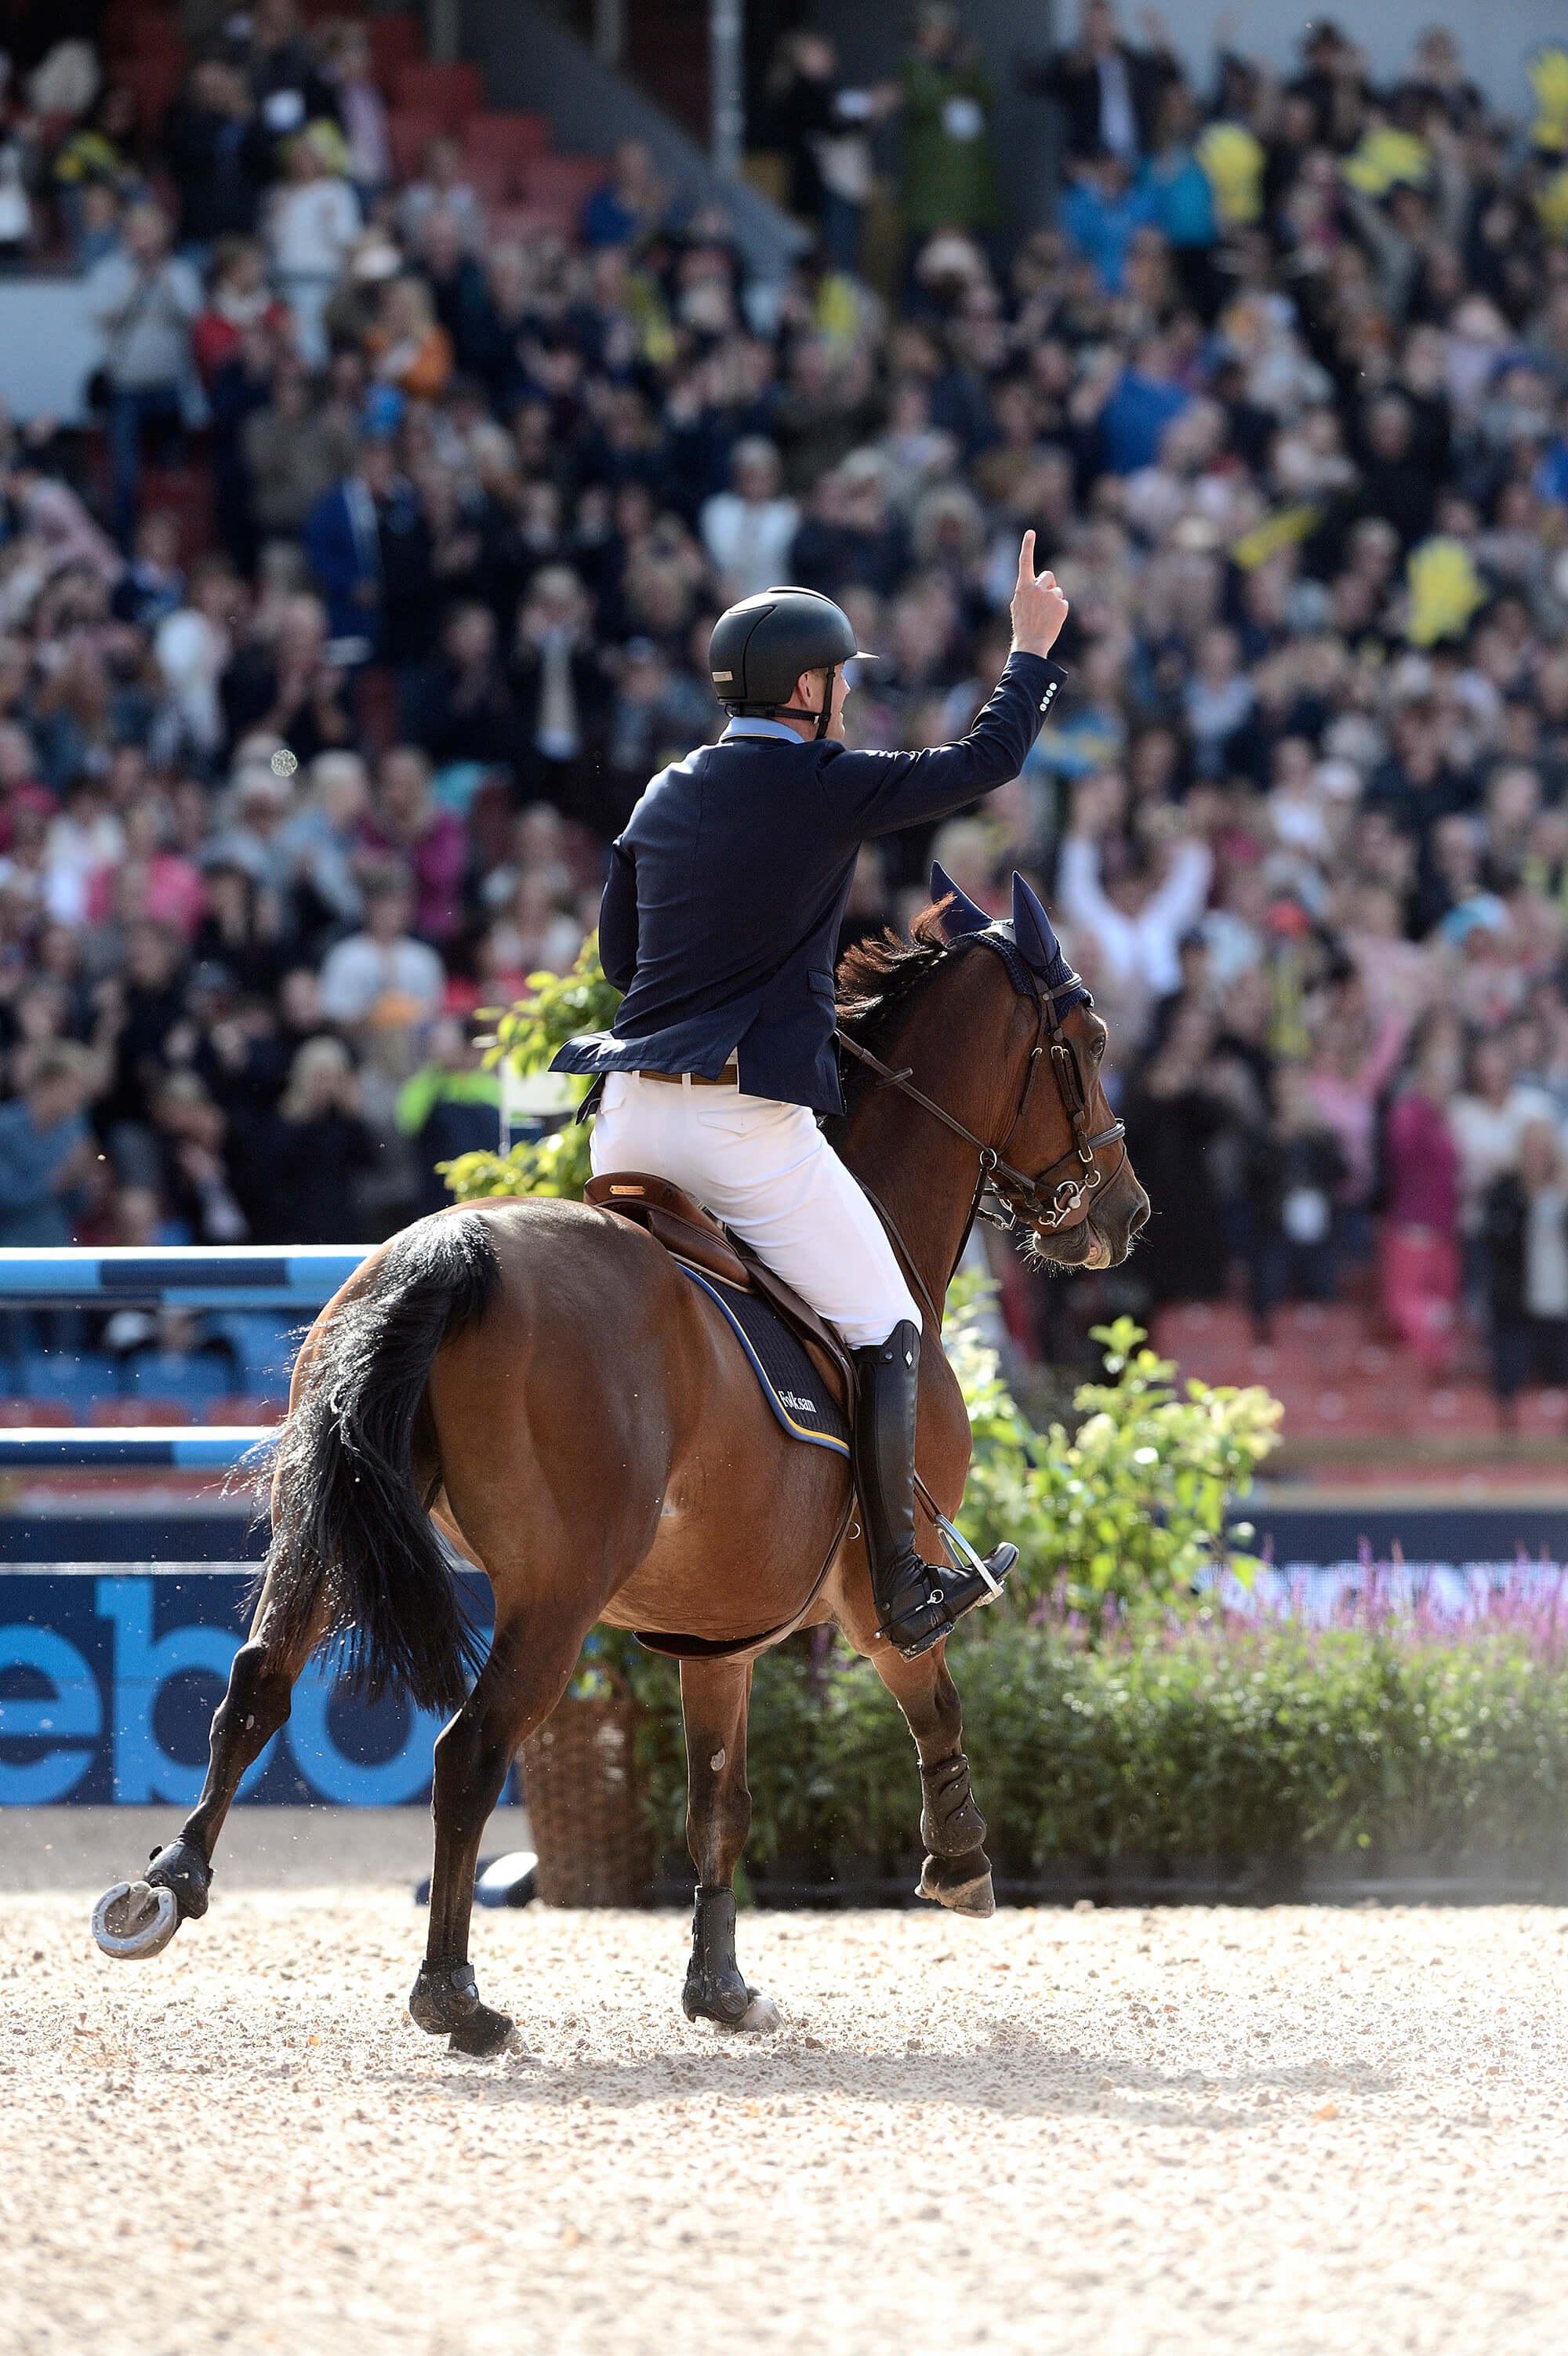 Ryttare och häst på en tävling